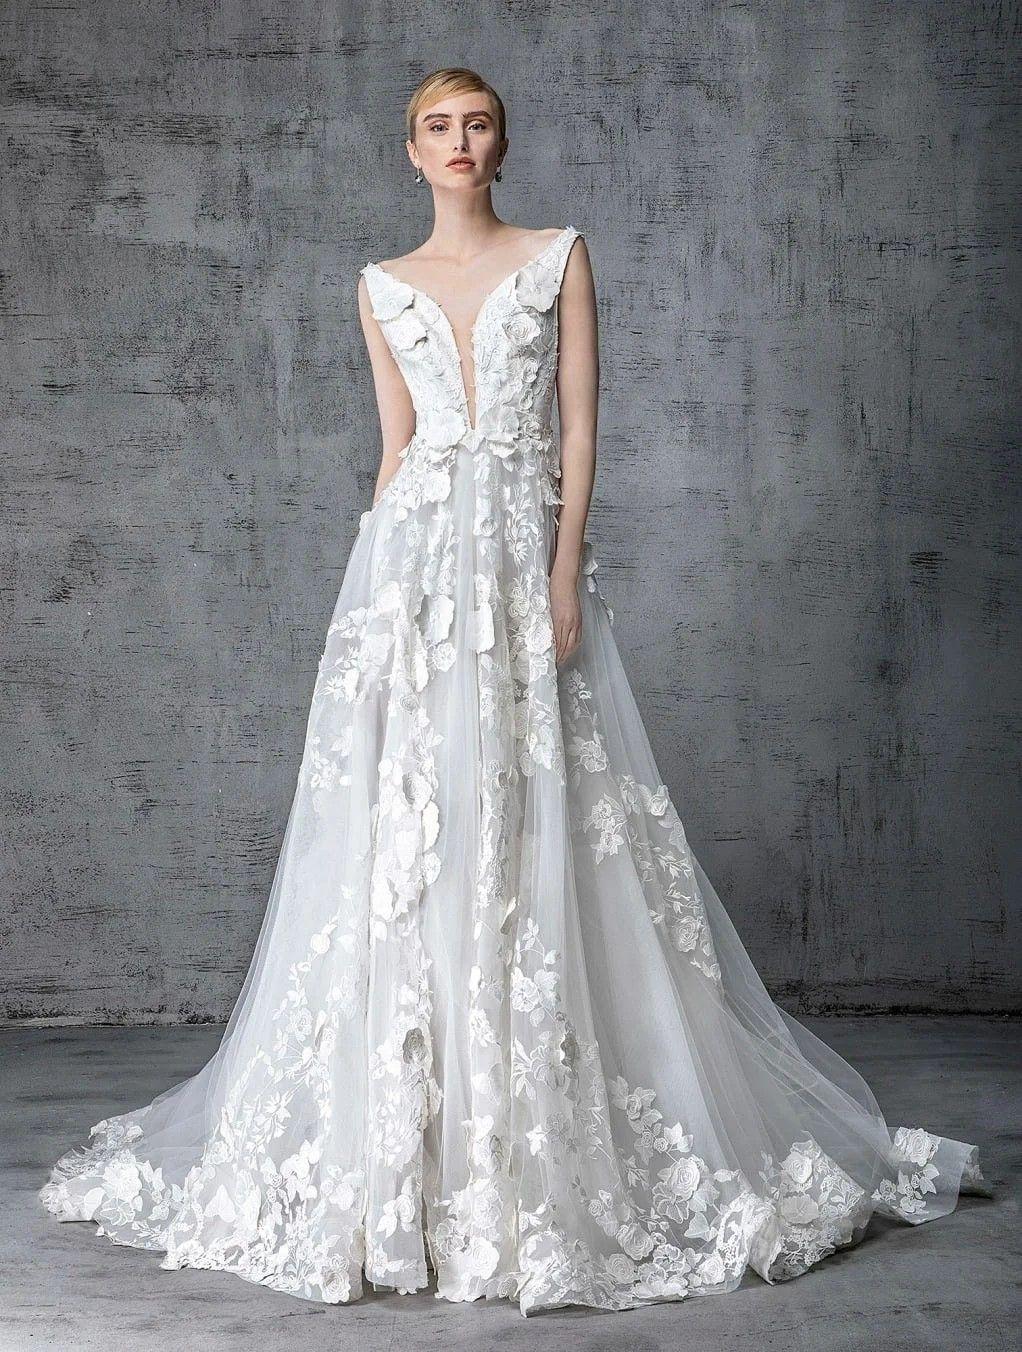 Pin by j boule on wedding dress u accessories in pinterest